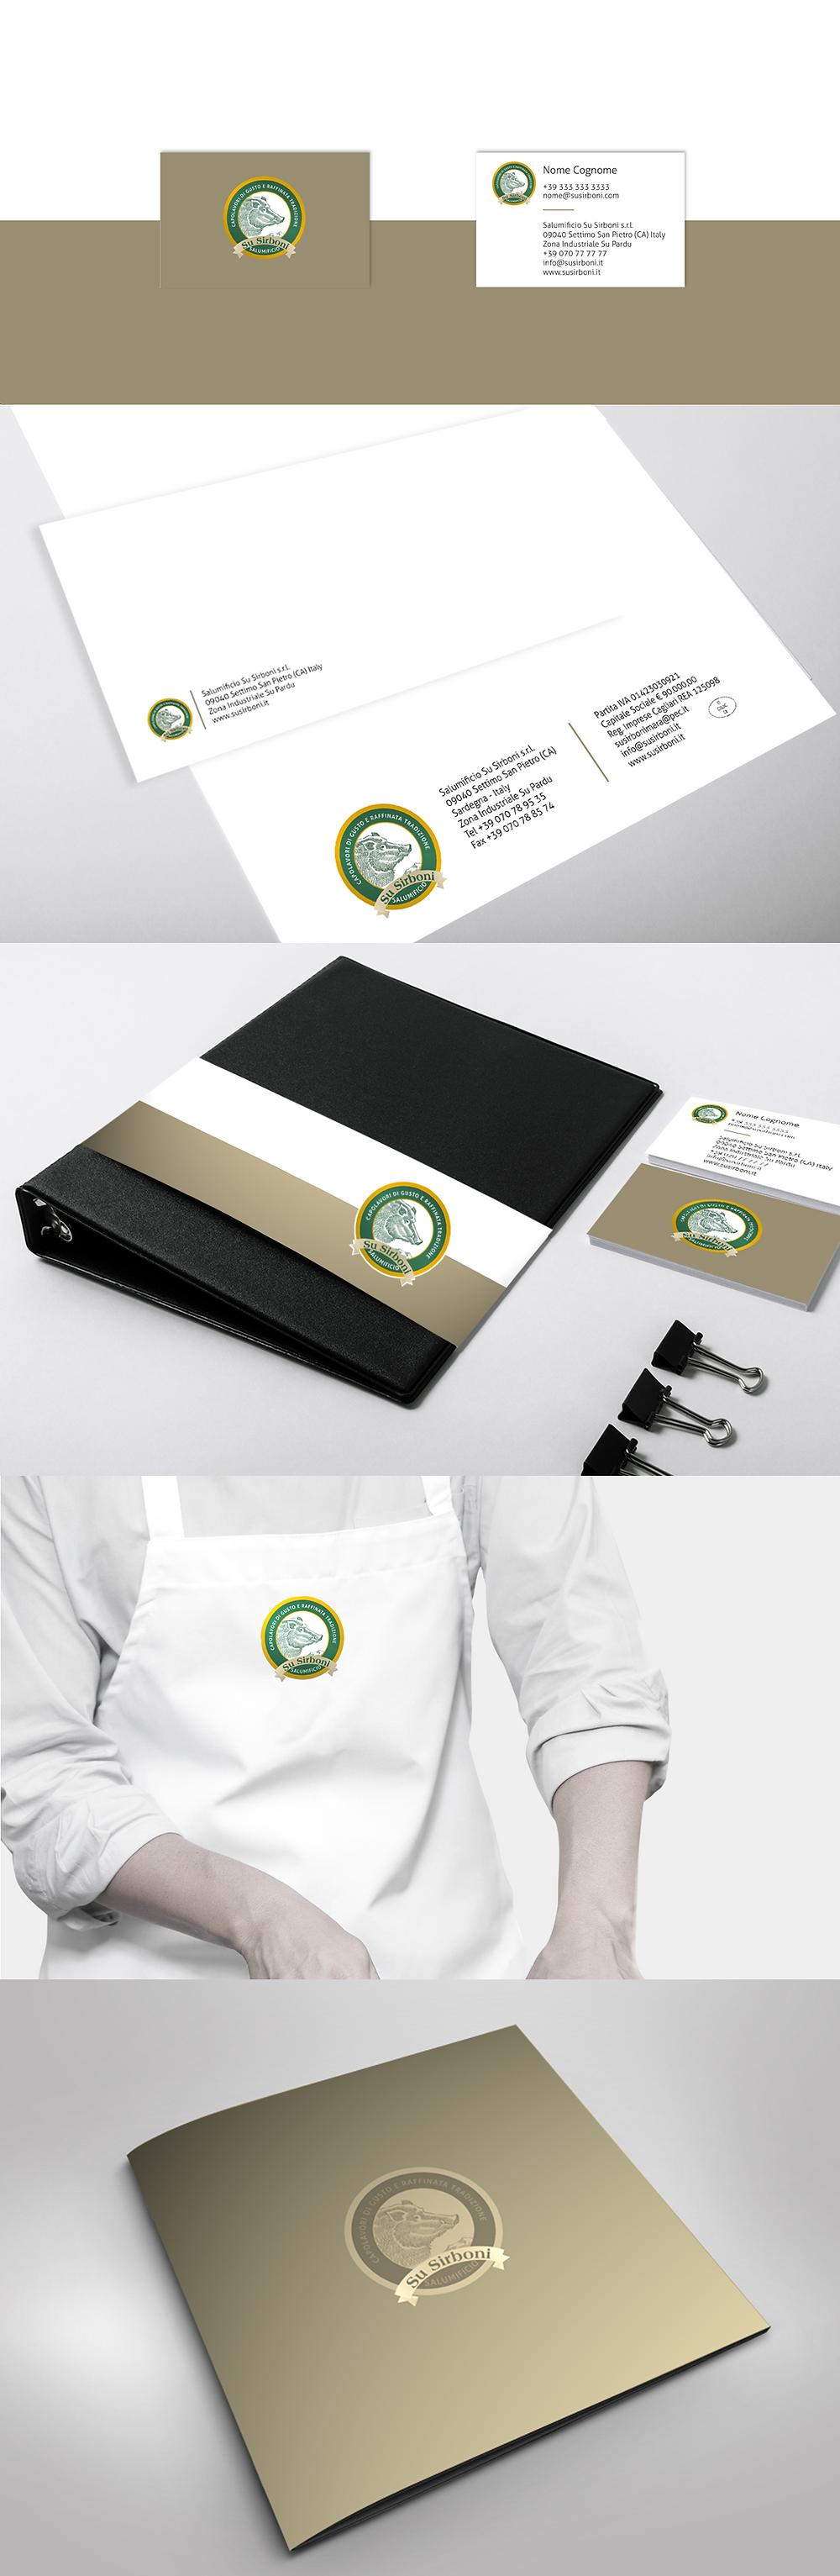 Immagine corporativa | Progetto grafico AEIO per Su Sirboni